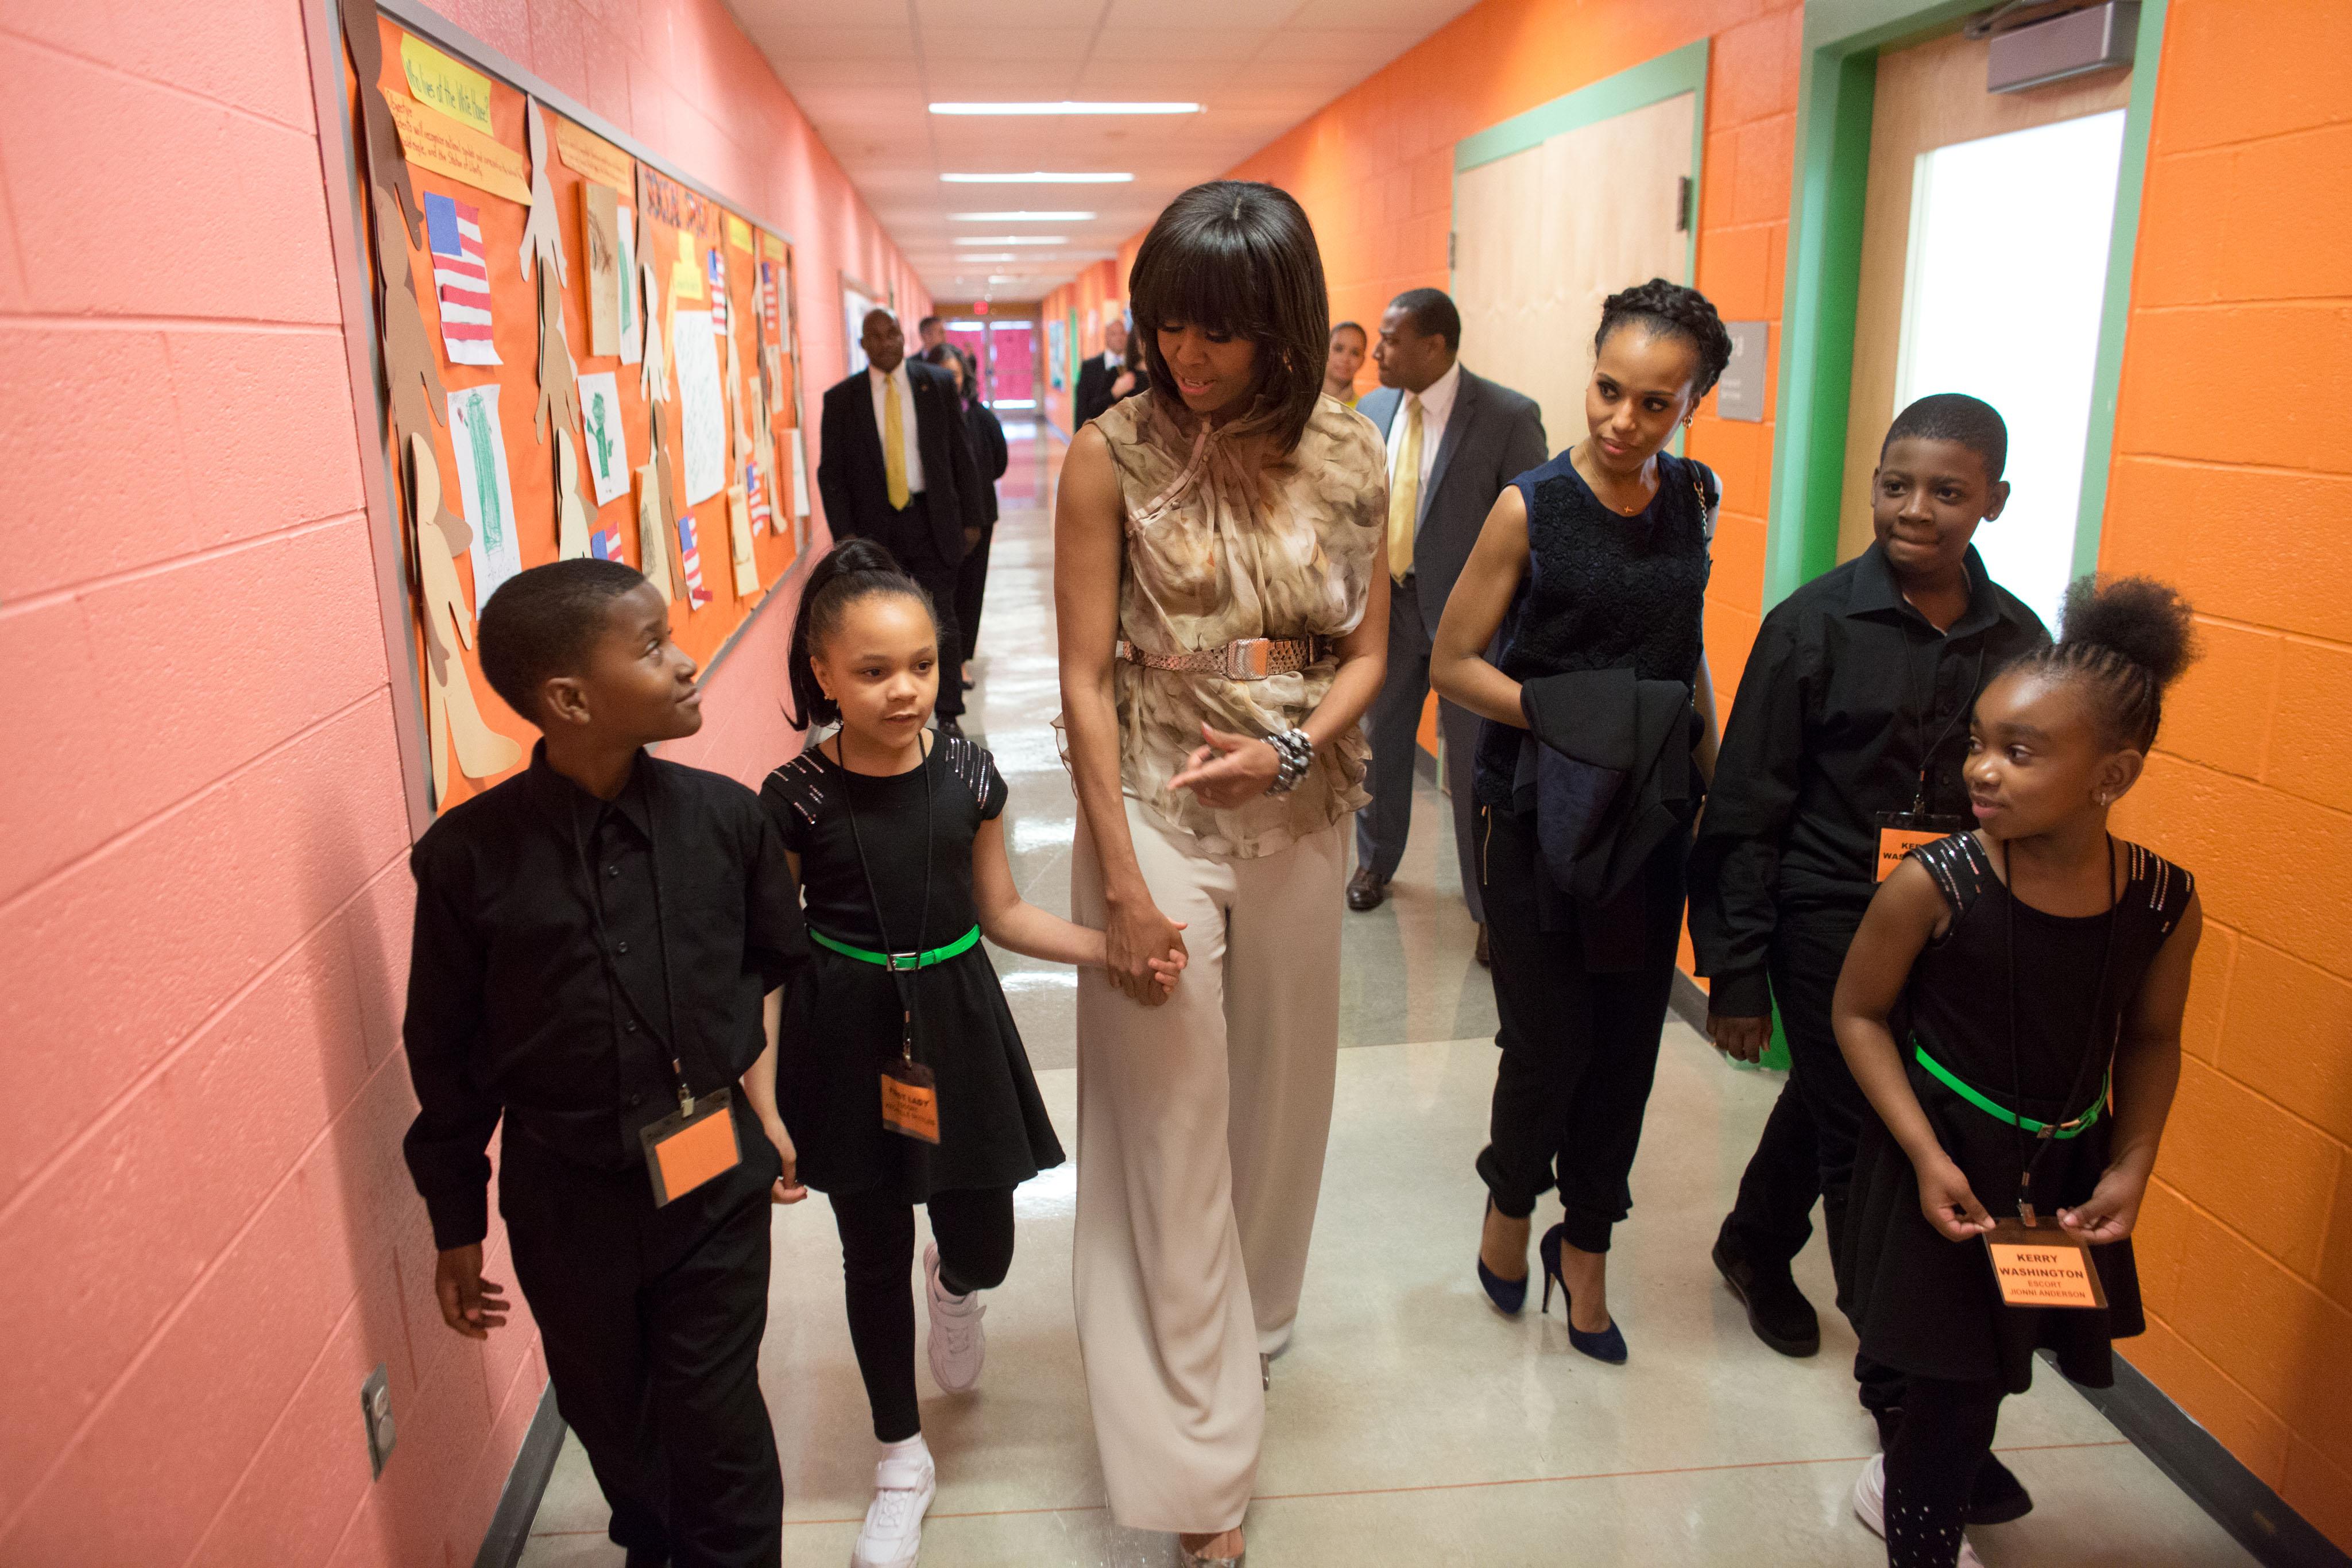 Michelle escort chicago